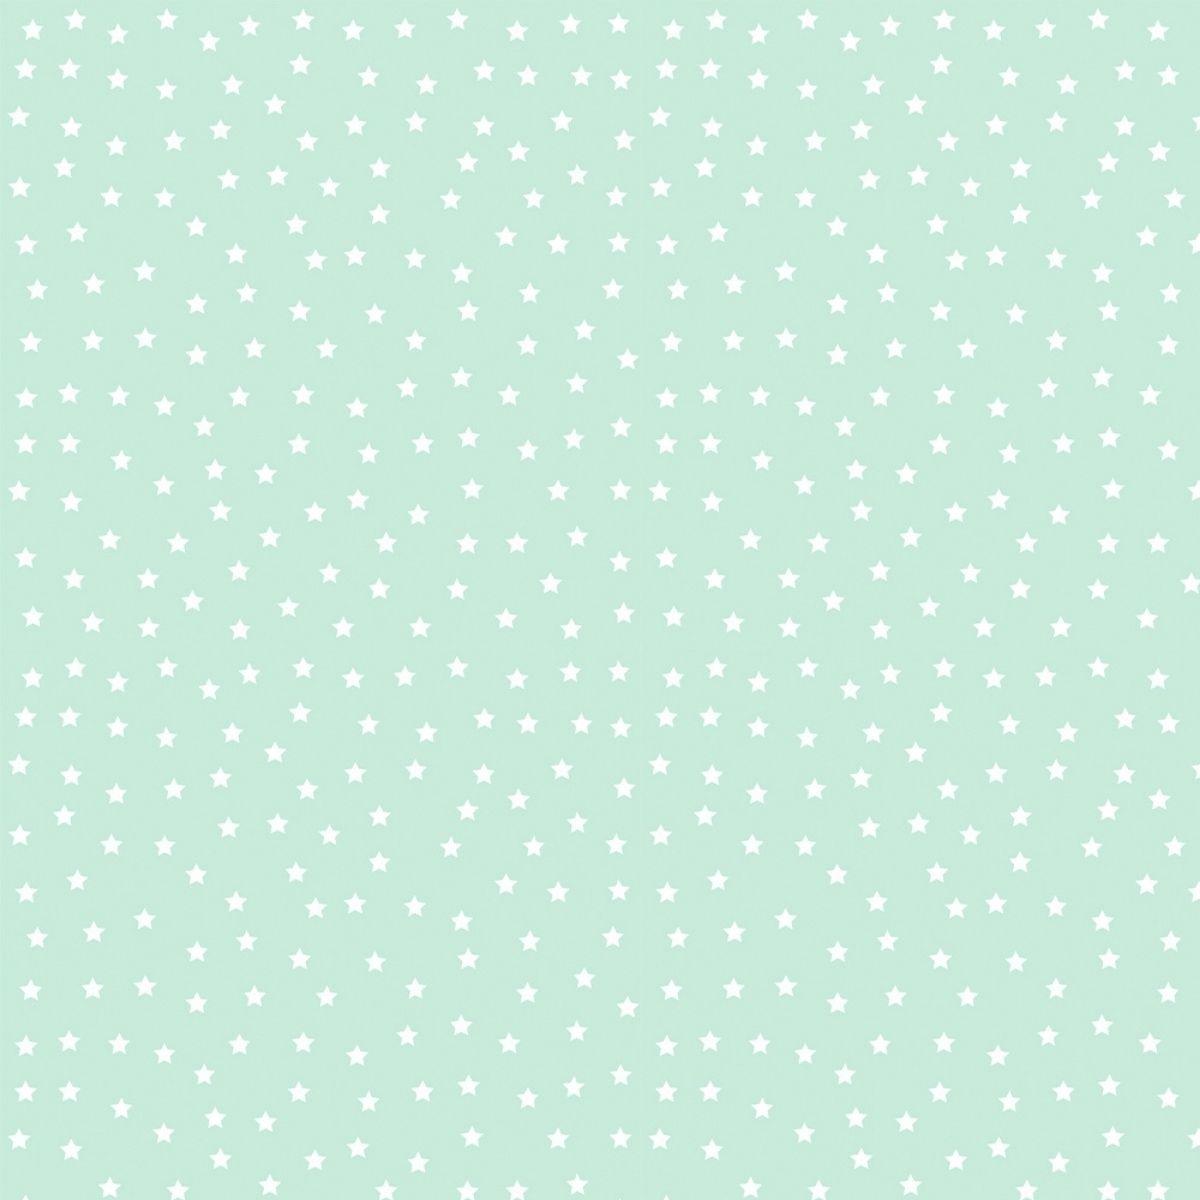 Tecido Tricoline 100% Algodão 1M x 1,50CM de Largura - Coleção Basic Baby